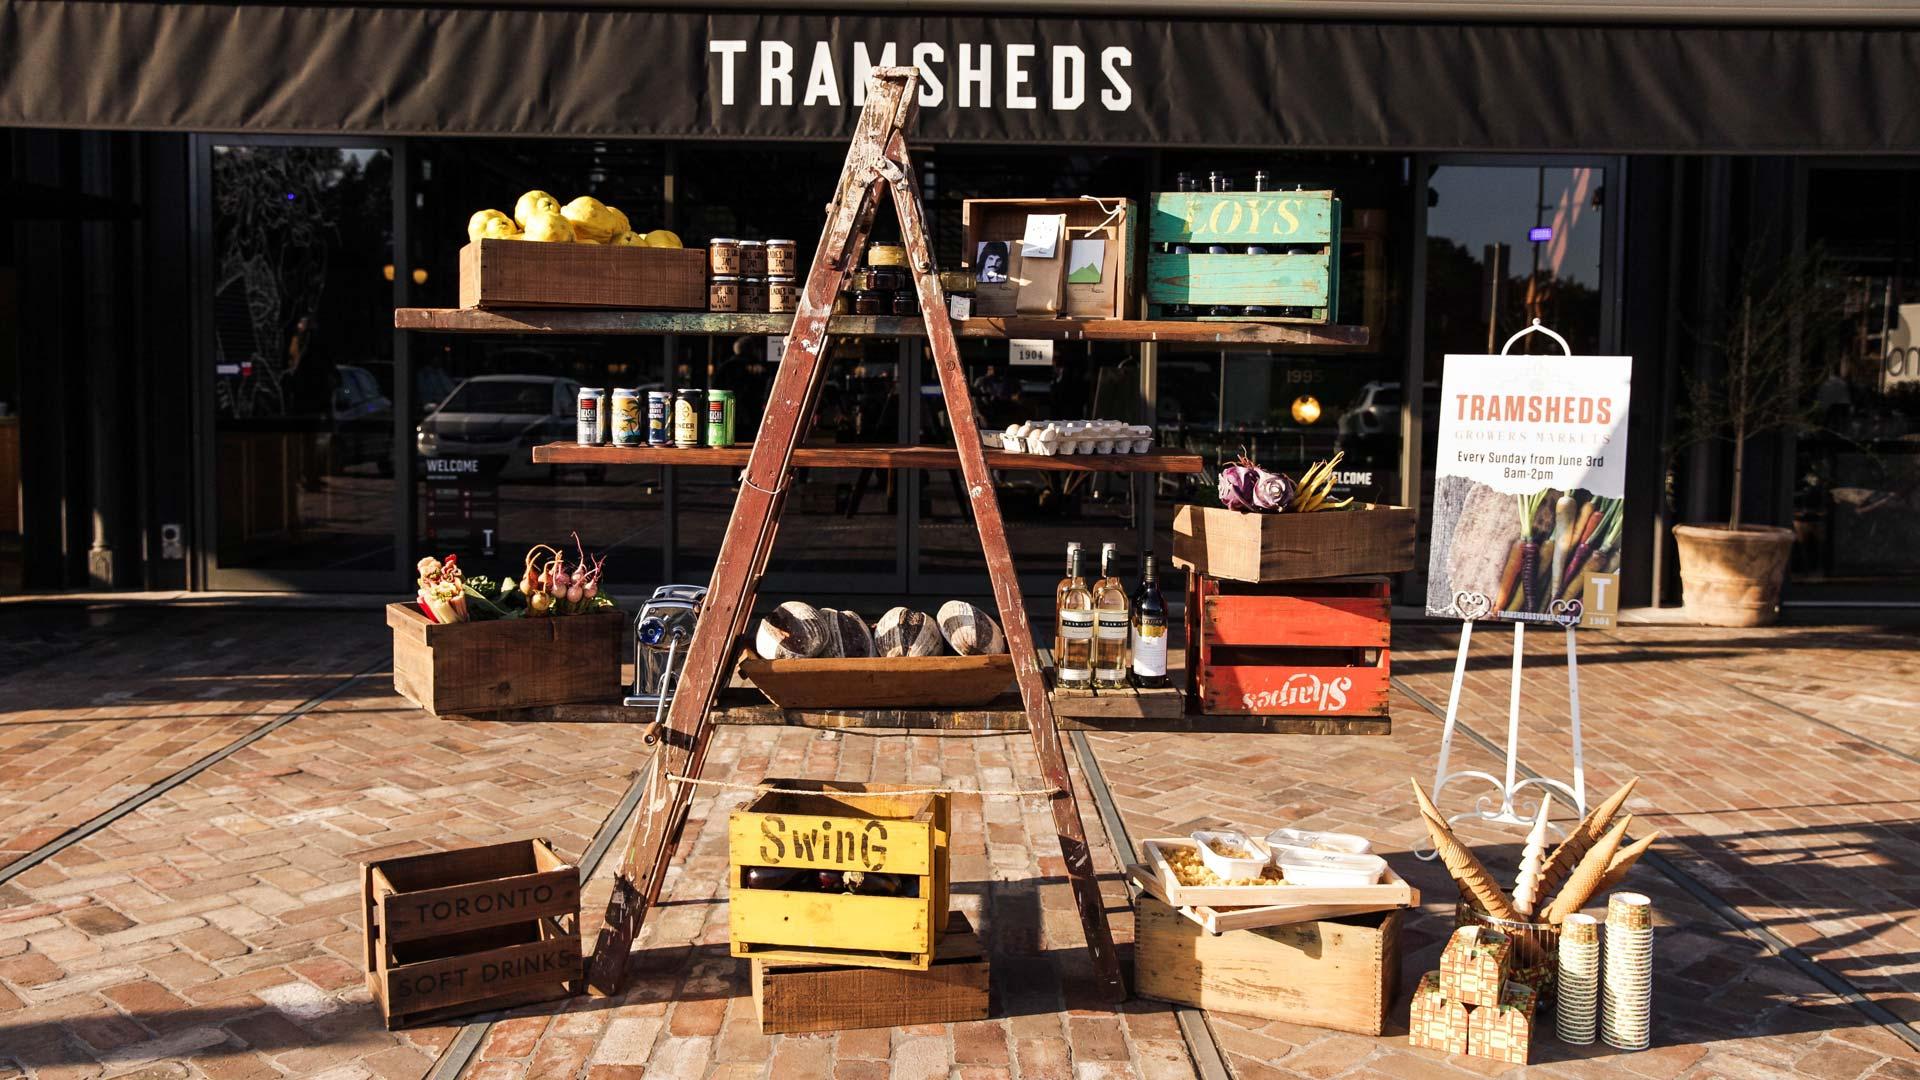 Tramsheds Growers' Markets2 - Sydney: Sắp có chợ nông sản mới mở vào cuối tuần này